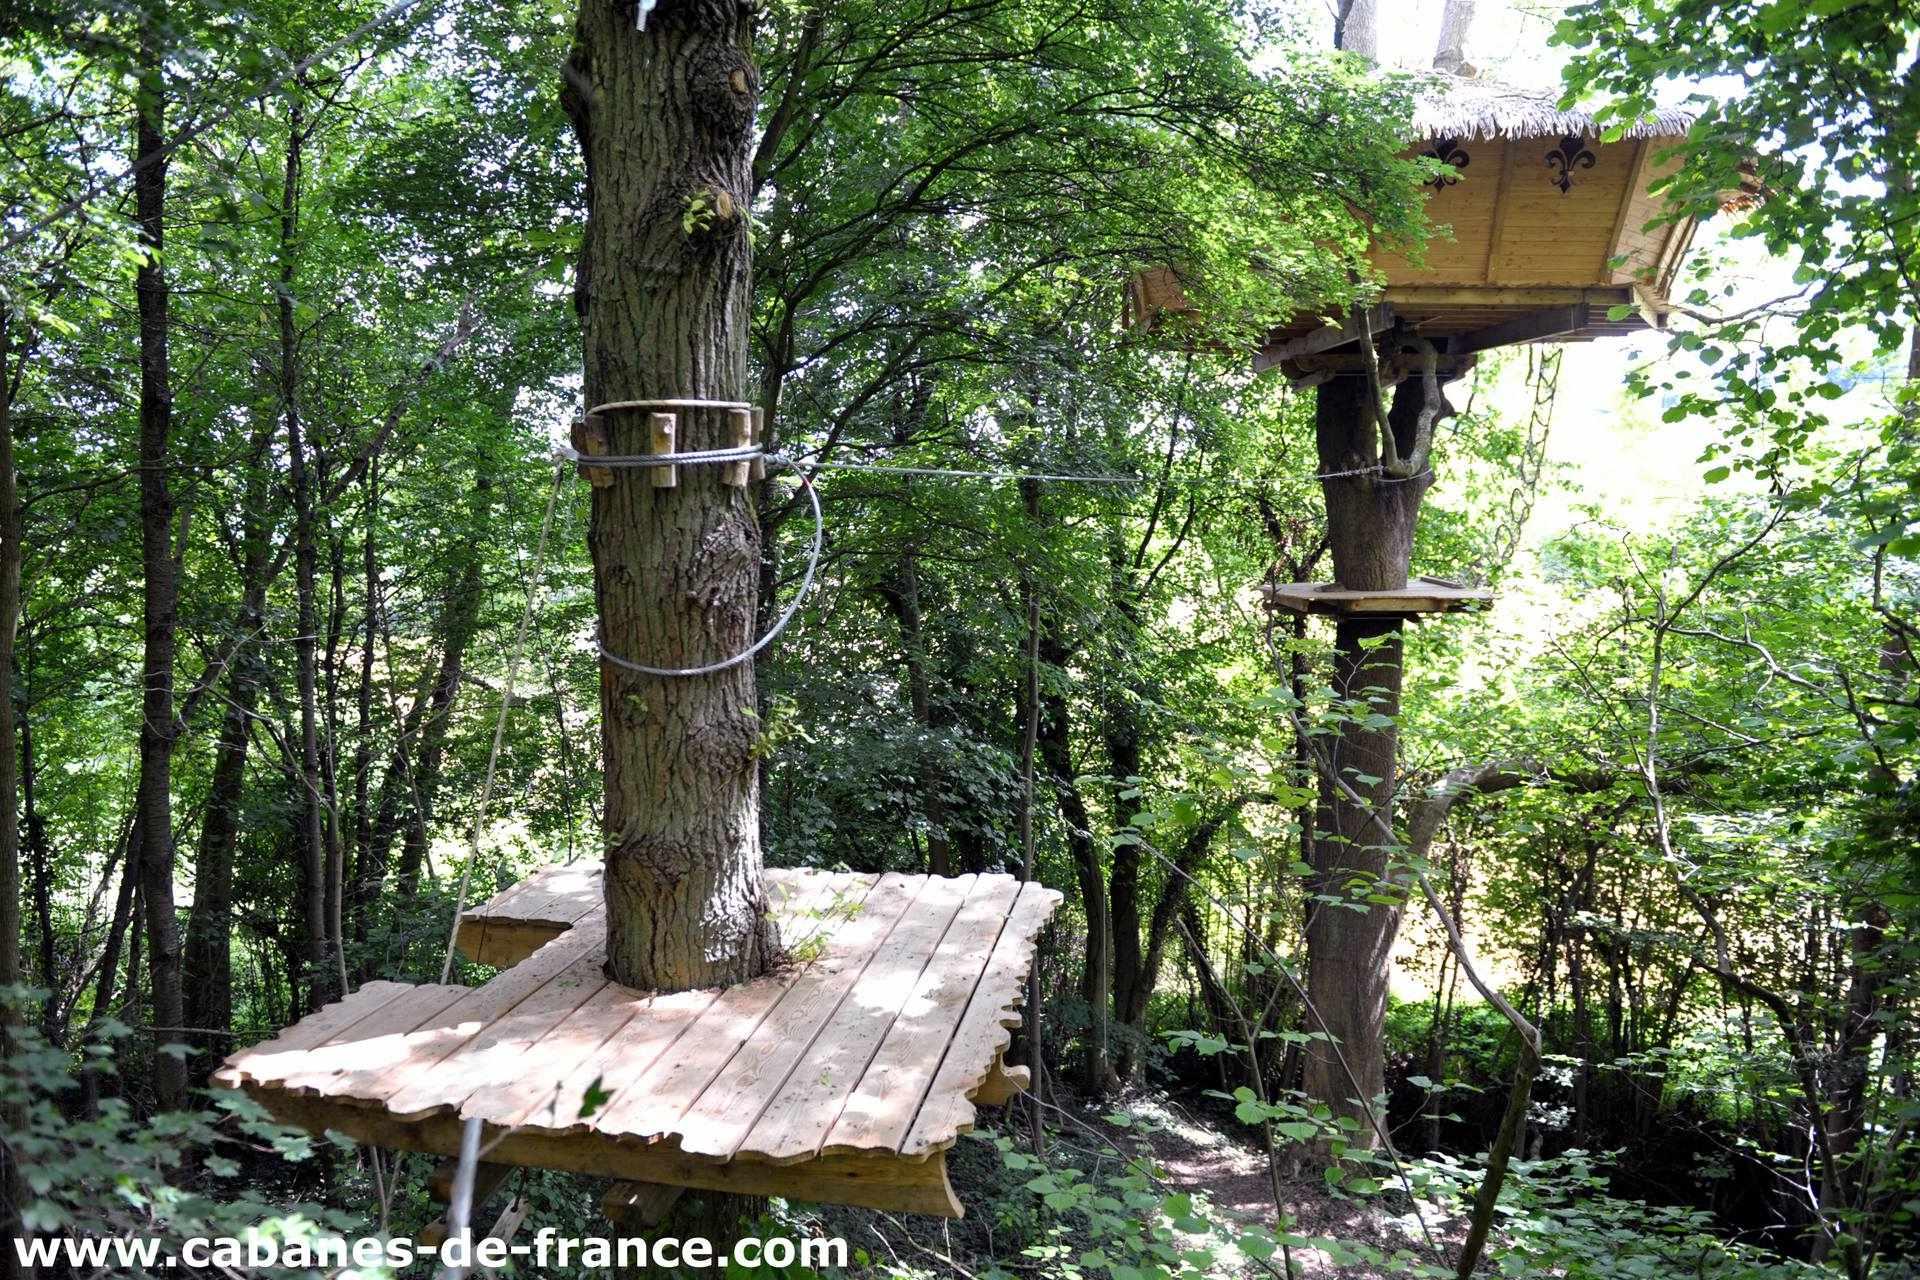 Cabane dans les bois normandie